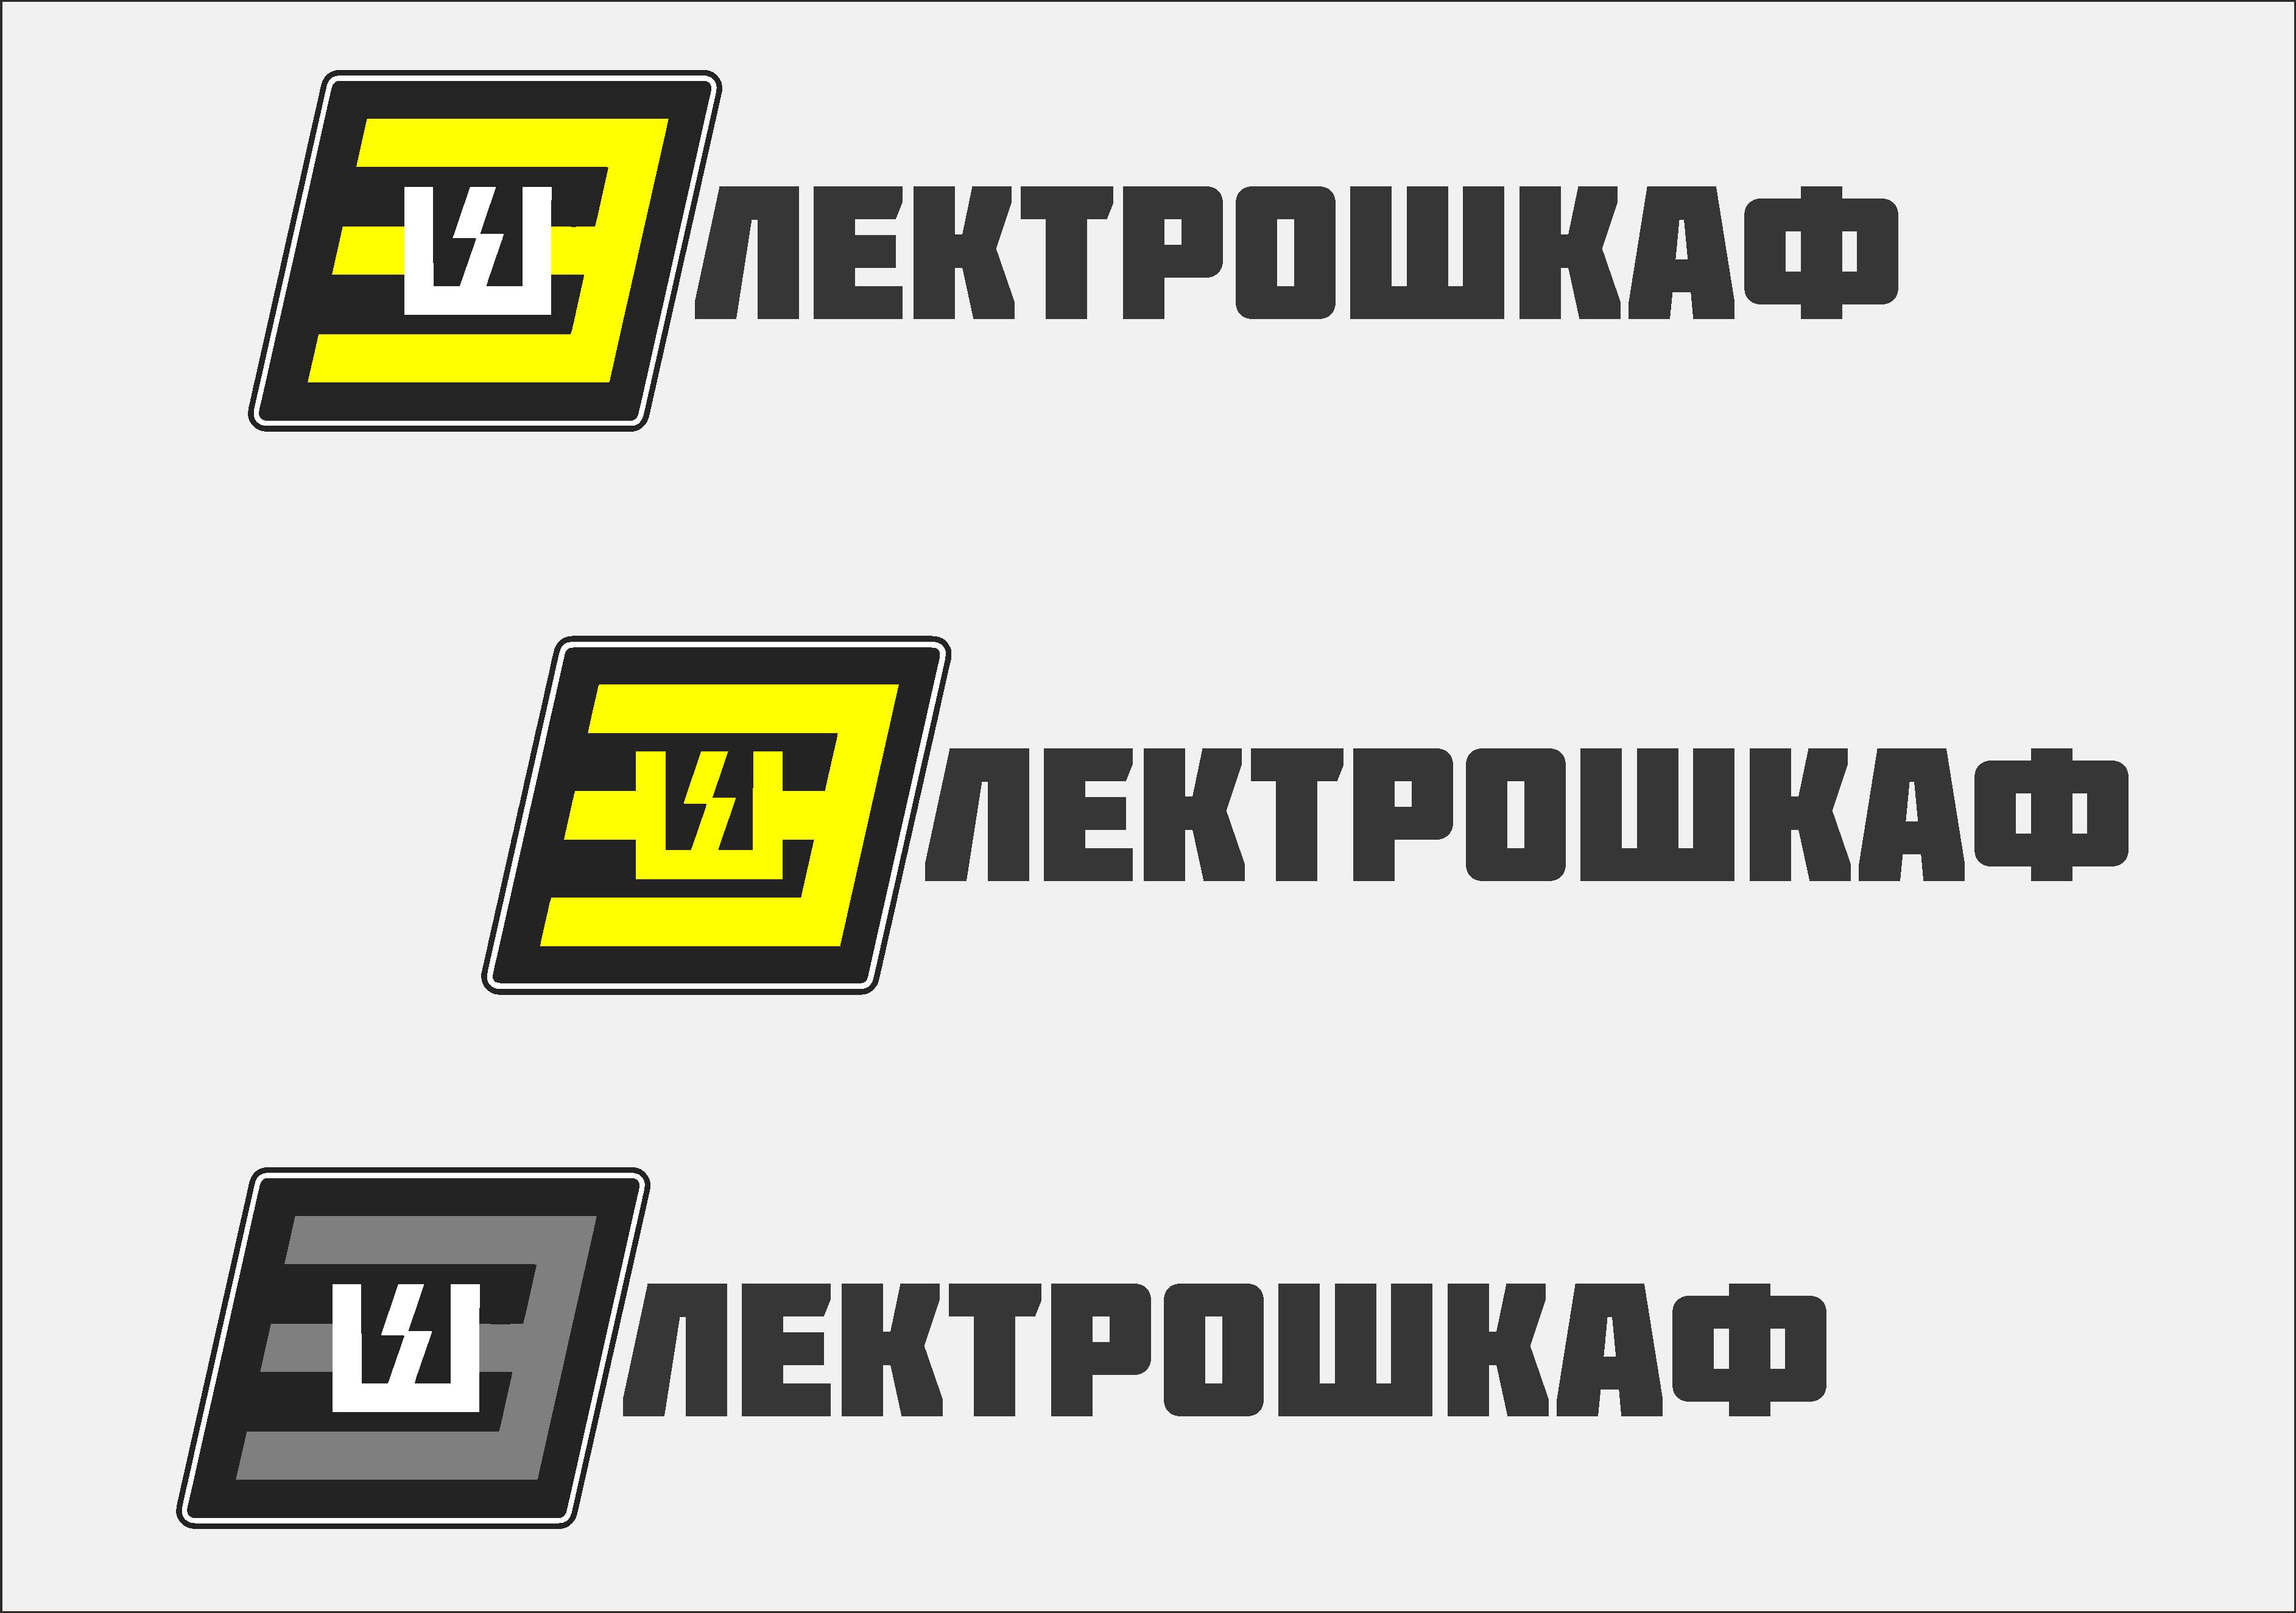 Разработать логотип для завода по производству электрощитов фото f_3645b718dffcfc51.png